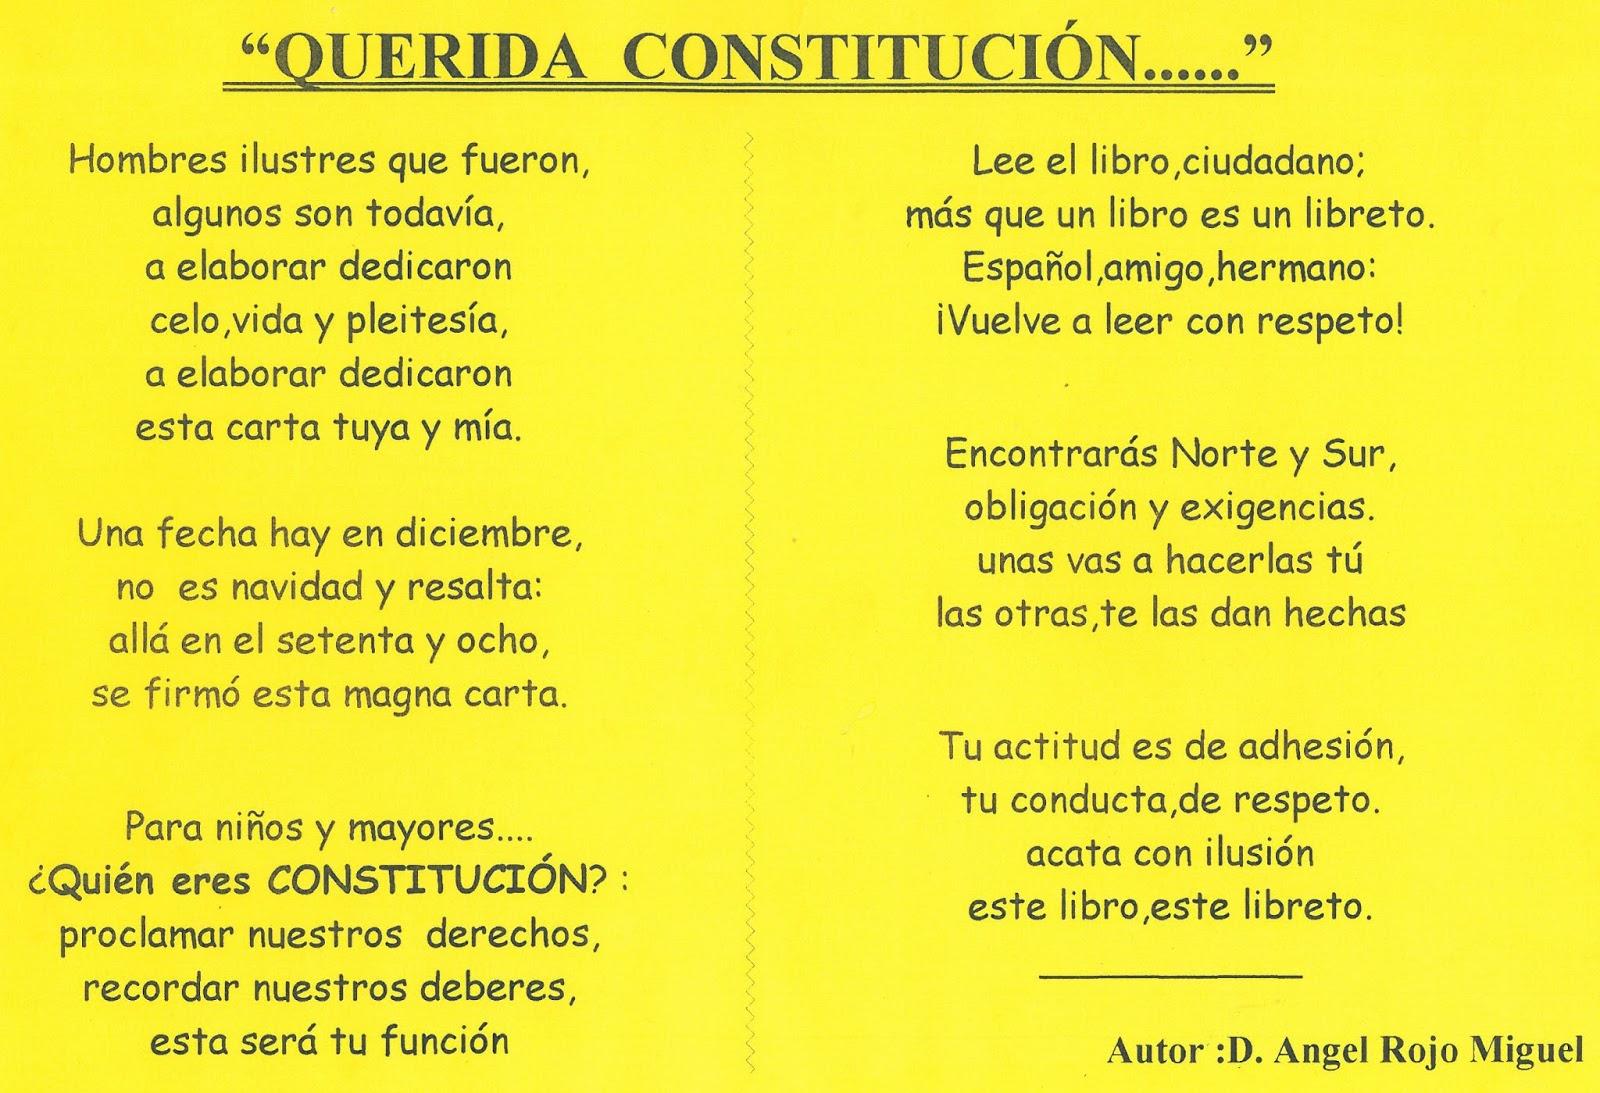 Mi colegio Fco. Giner de los Ríos-Valladolid: CONSTITUCIÓN